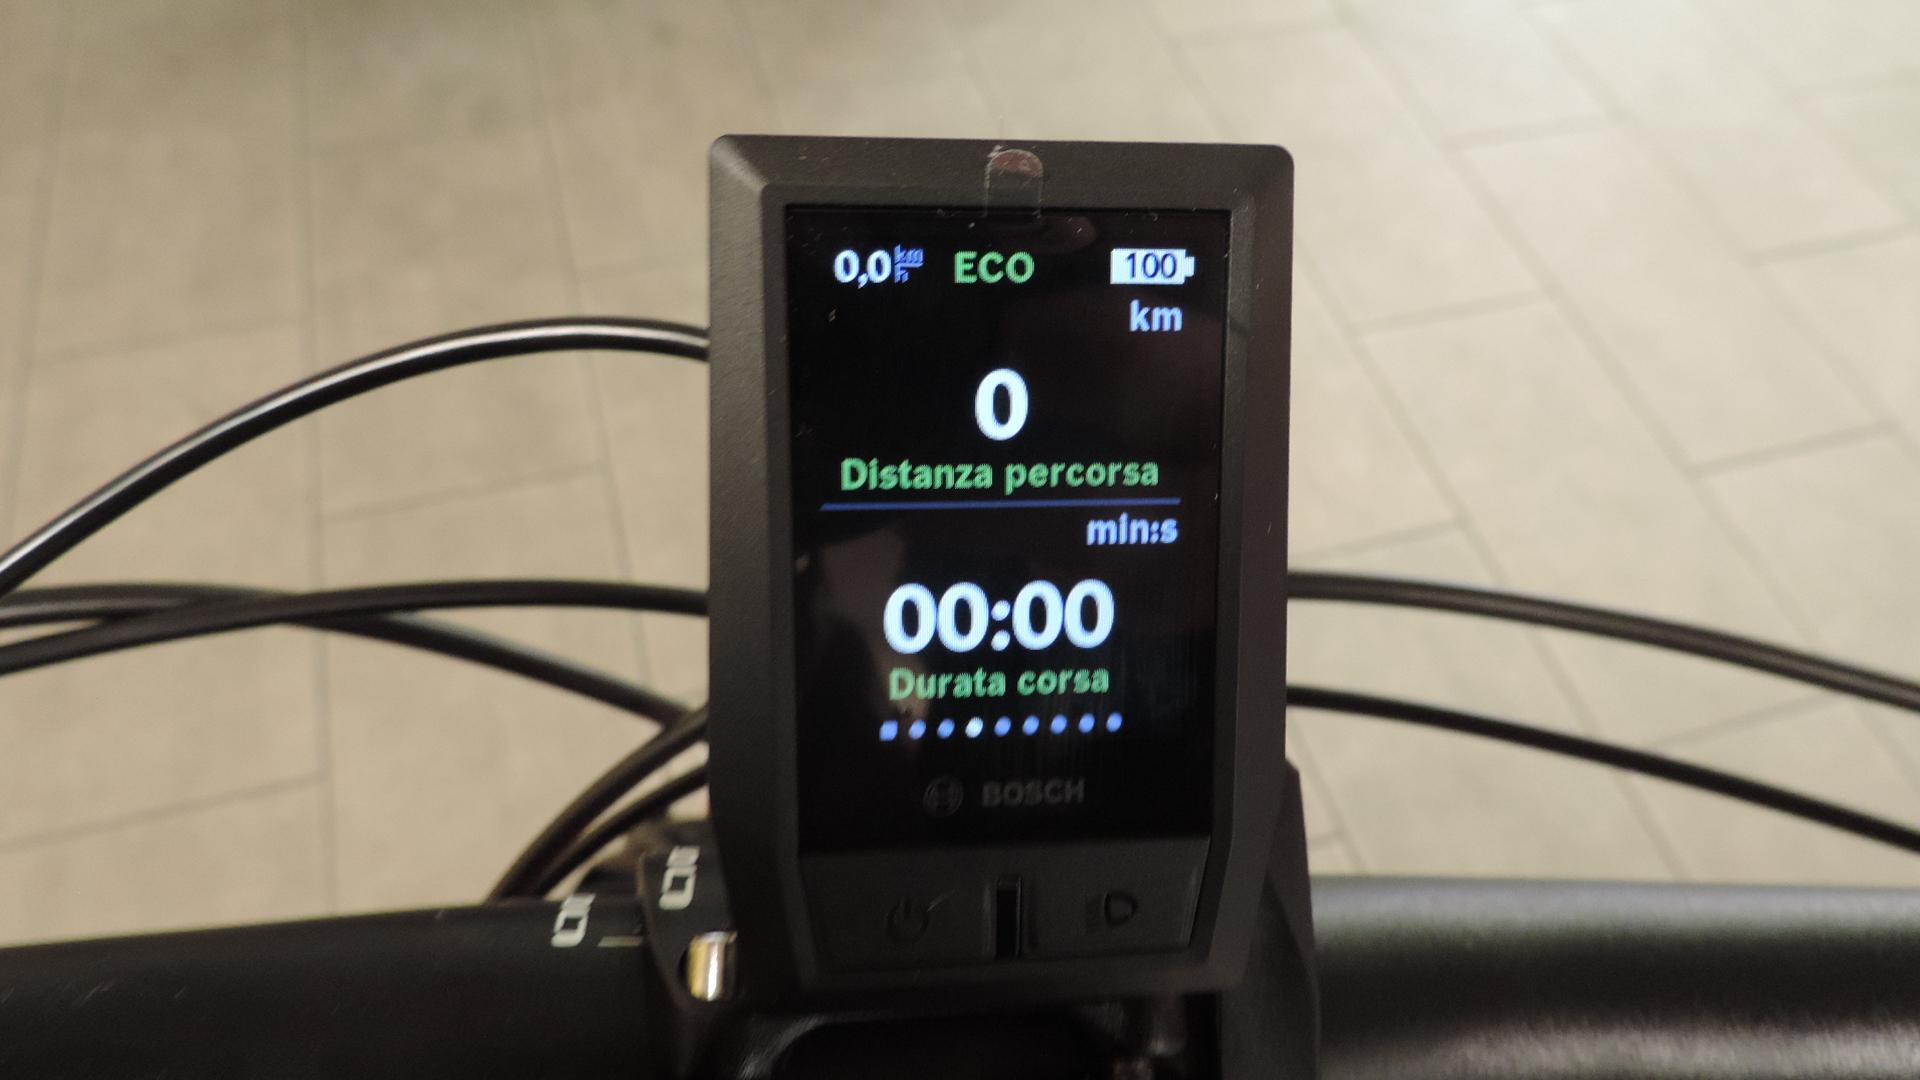 quarta schermata con la distanza percorsa e il tempo di pedalata (ingrandisci)